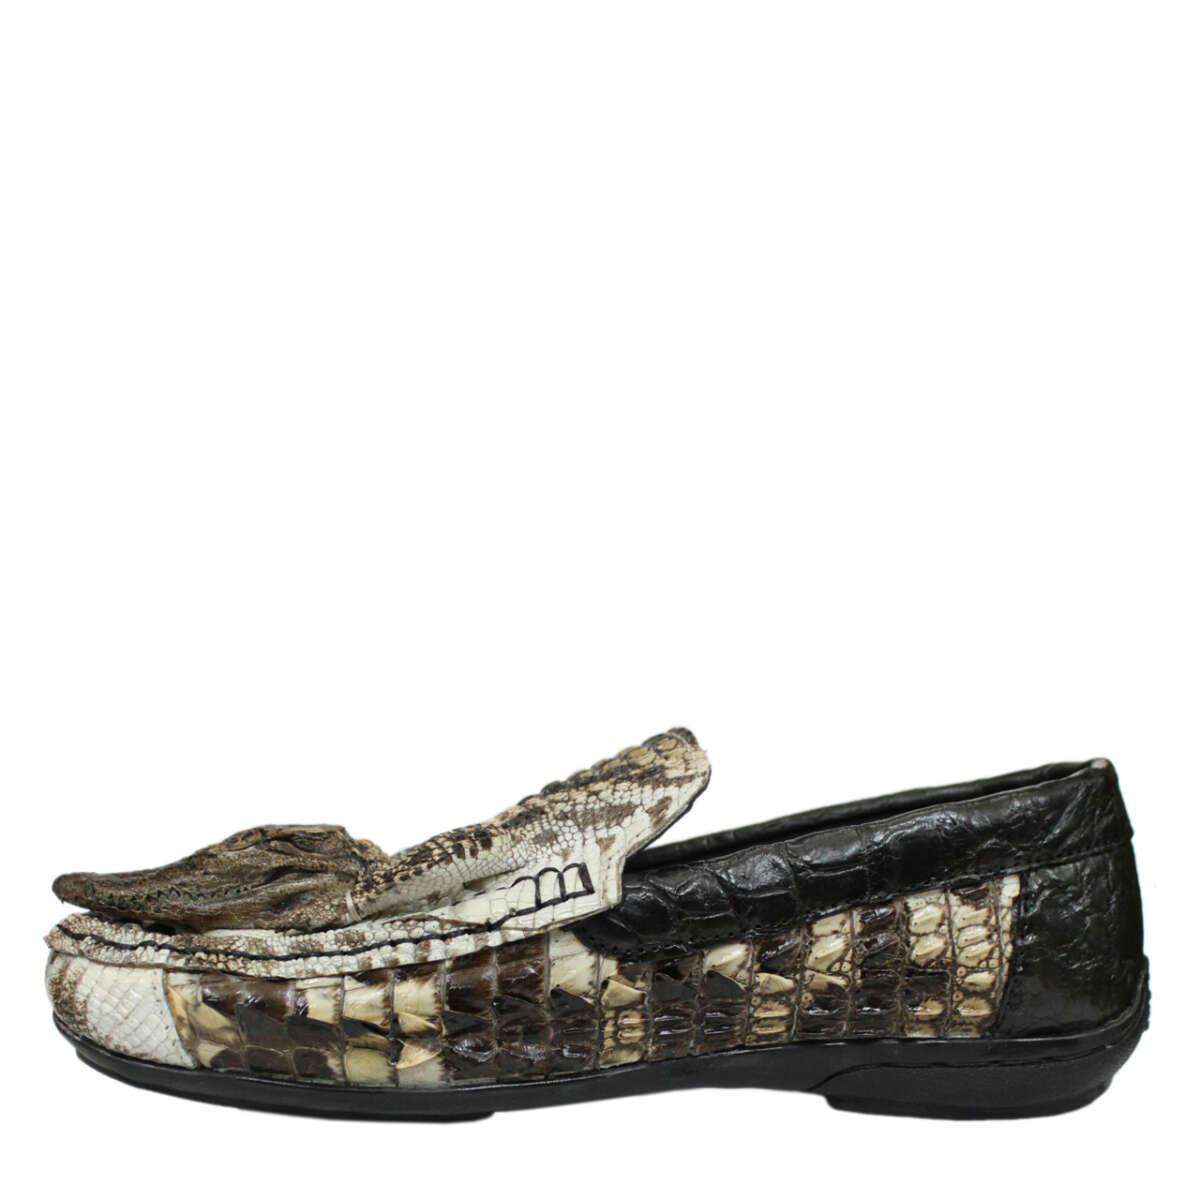 Giày lười nam da cá sấu nguyên thủy S873